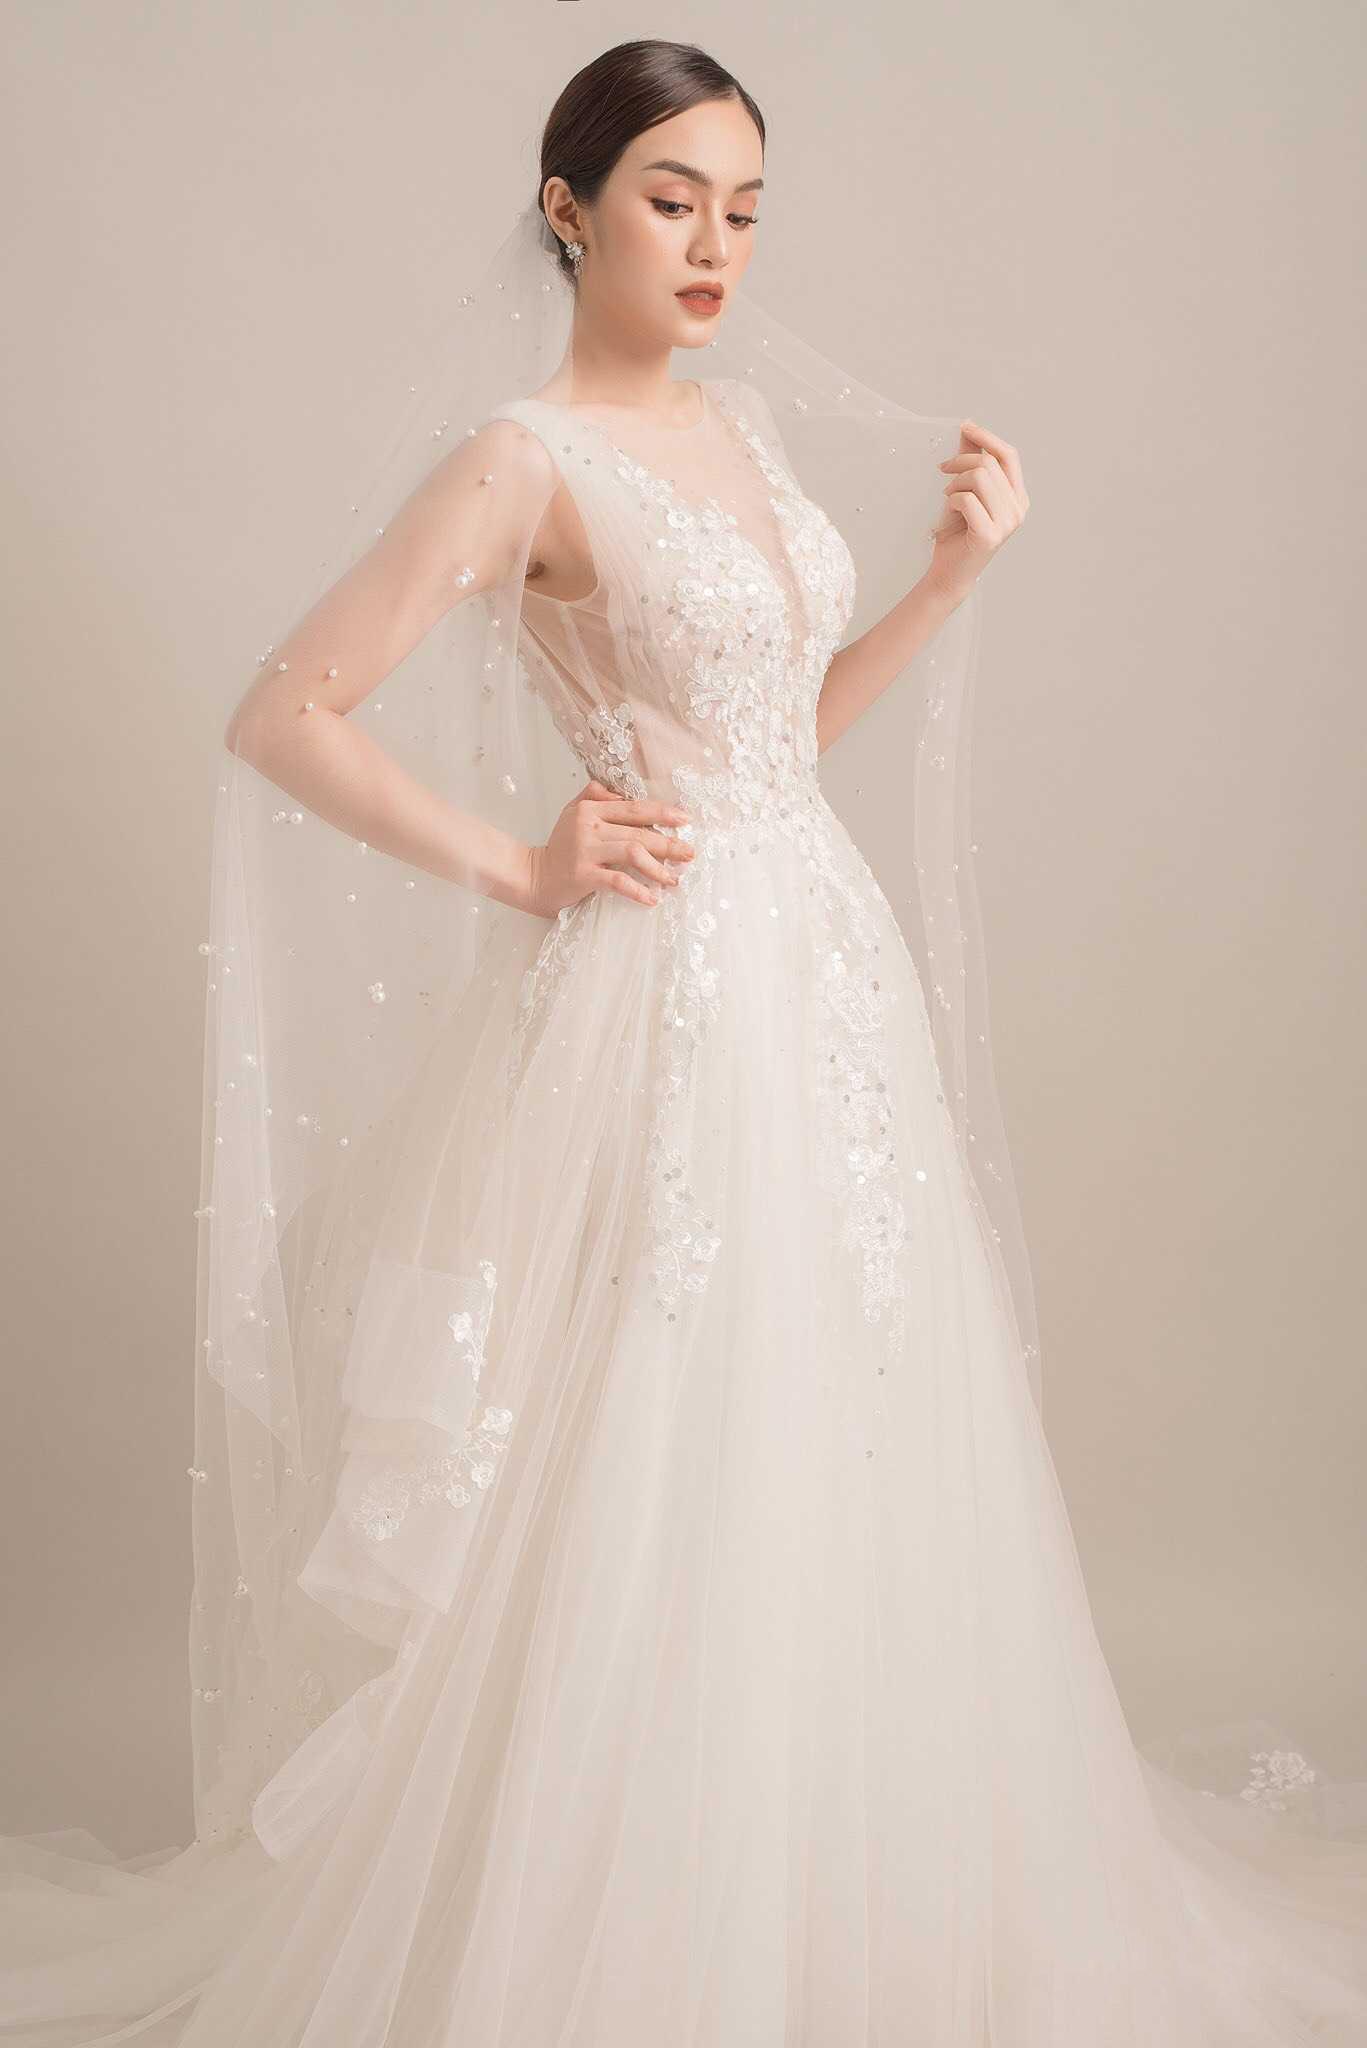 thuê áo cưới cho cô dâu ốm